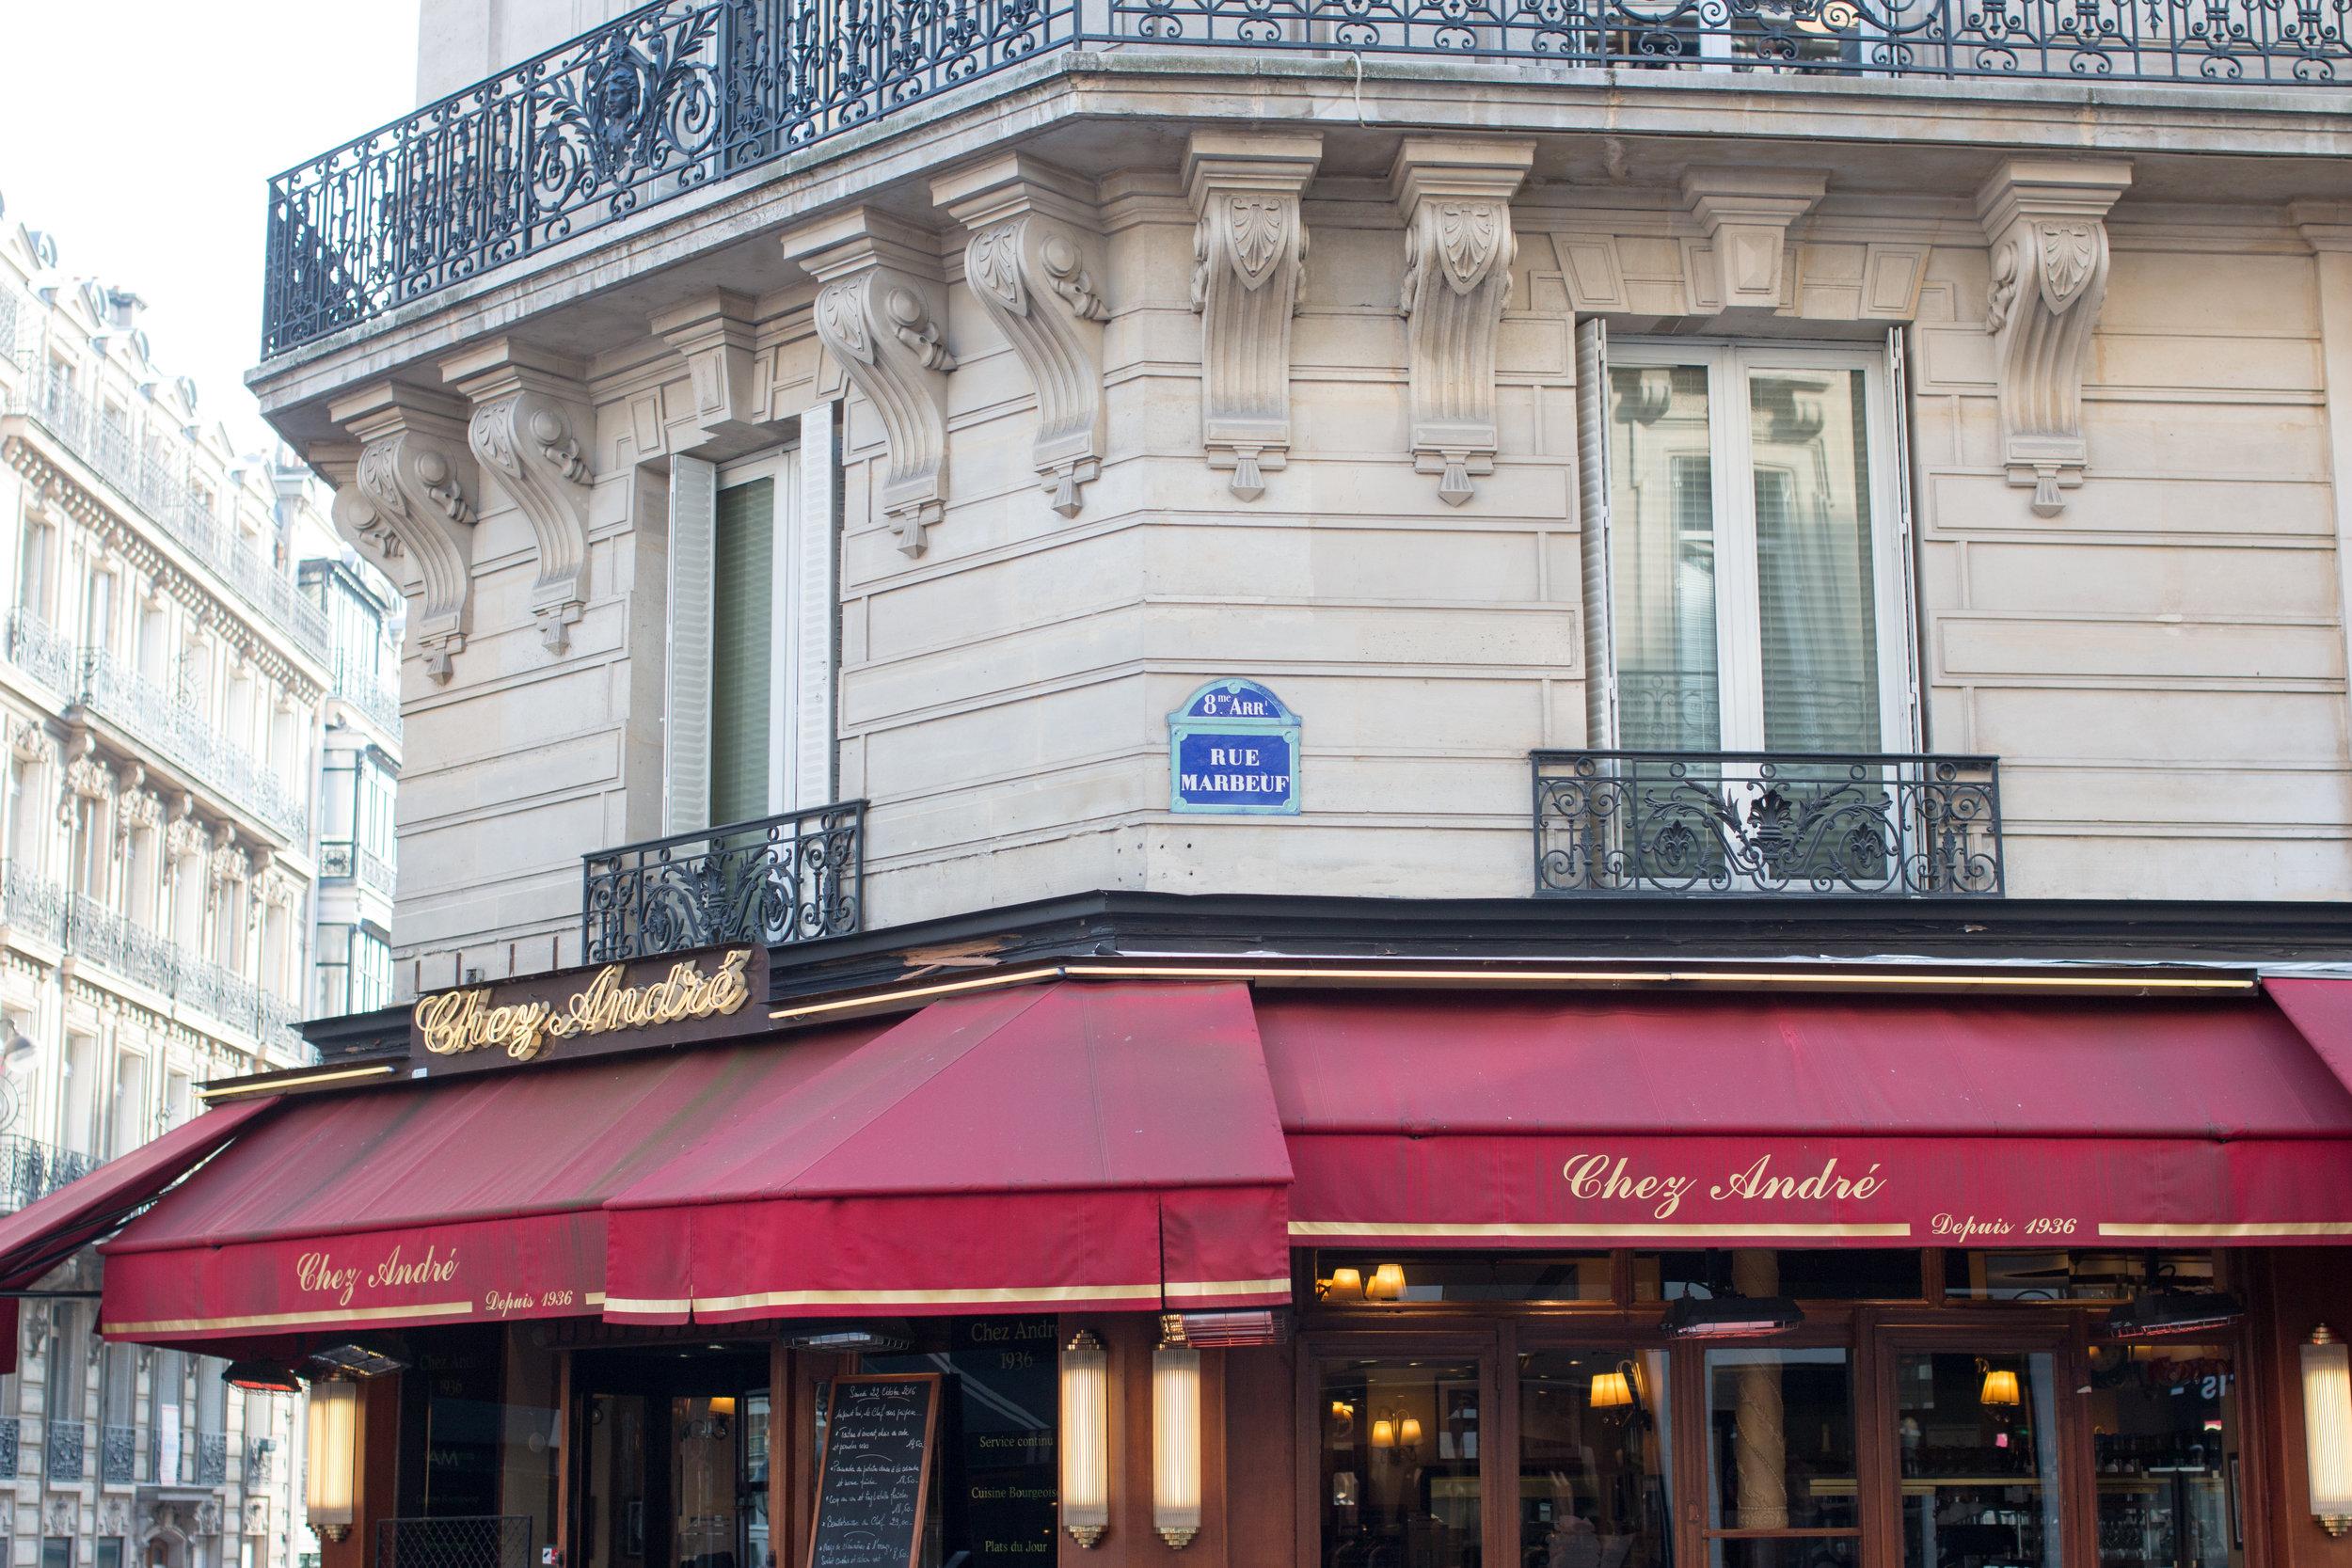 Chez Andre Paris, France